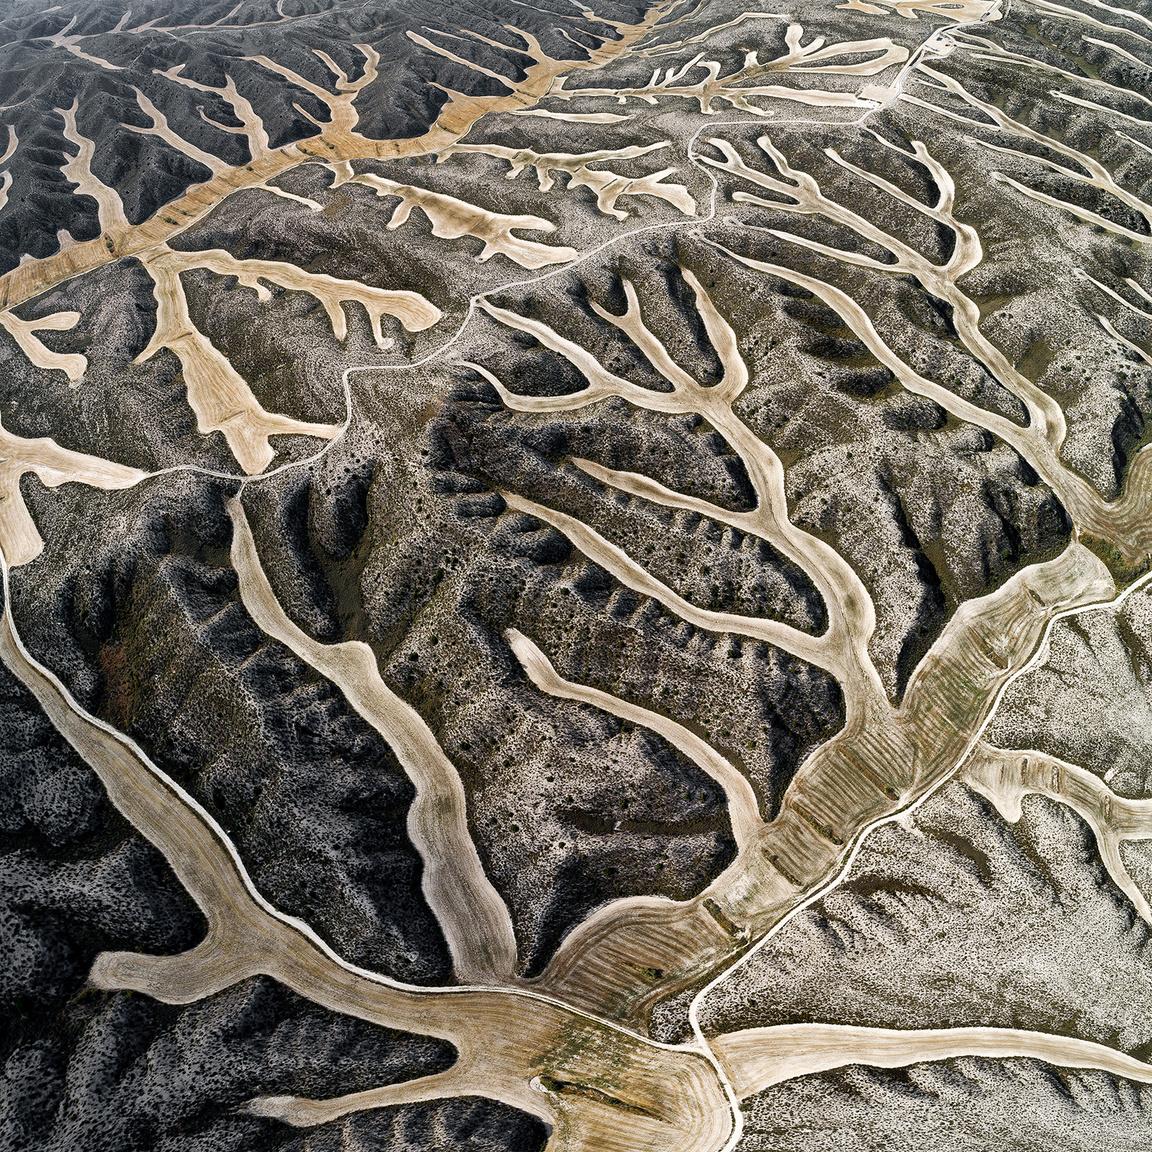 Valdemoracho #1Learatott búzamezők foltjai a dombok lankáin, ahol a talaj nedvességtartalma segíti átvészelni az ültetvényeknek a forró száraz nyári időszakot.Parque Eólico Arias, El Burgo de Ebro, Zaragoza, Spanyolország. 2018.07.14.A képen látható terület szélessége: 928 m.